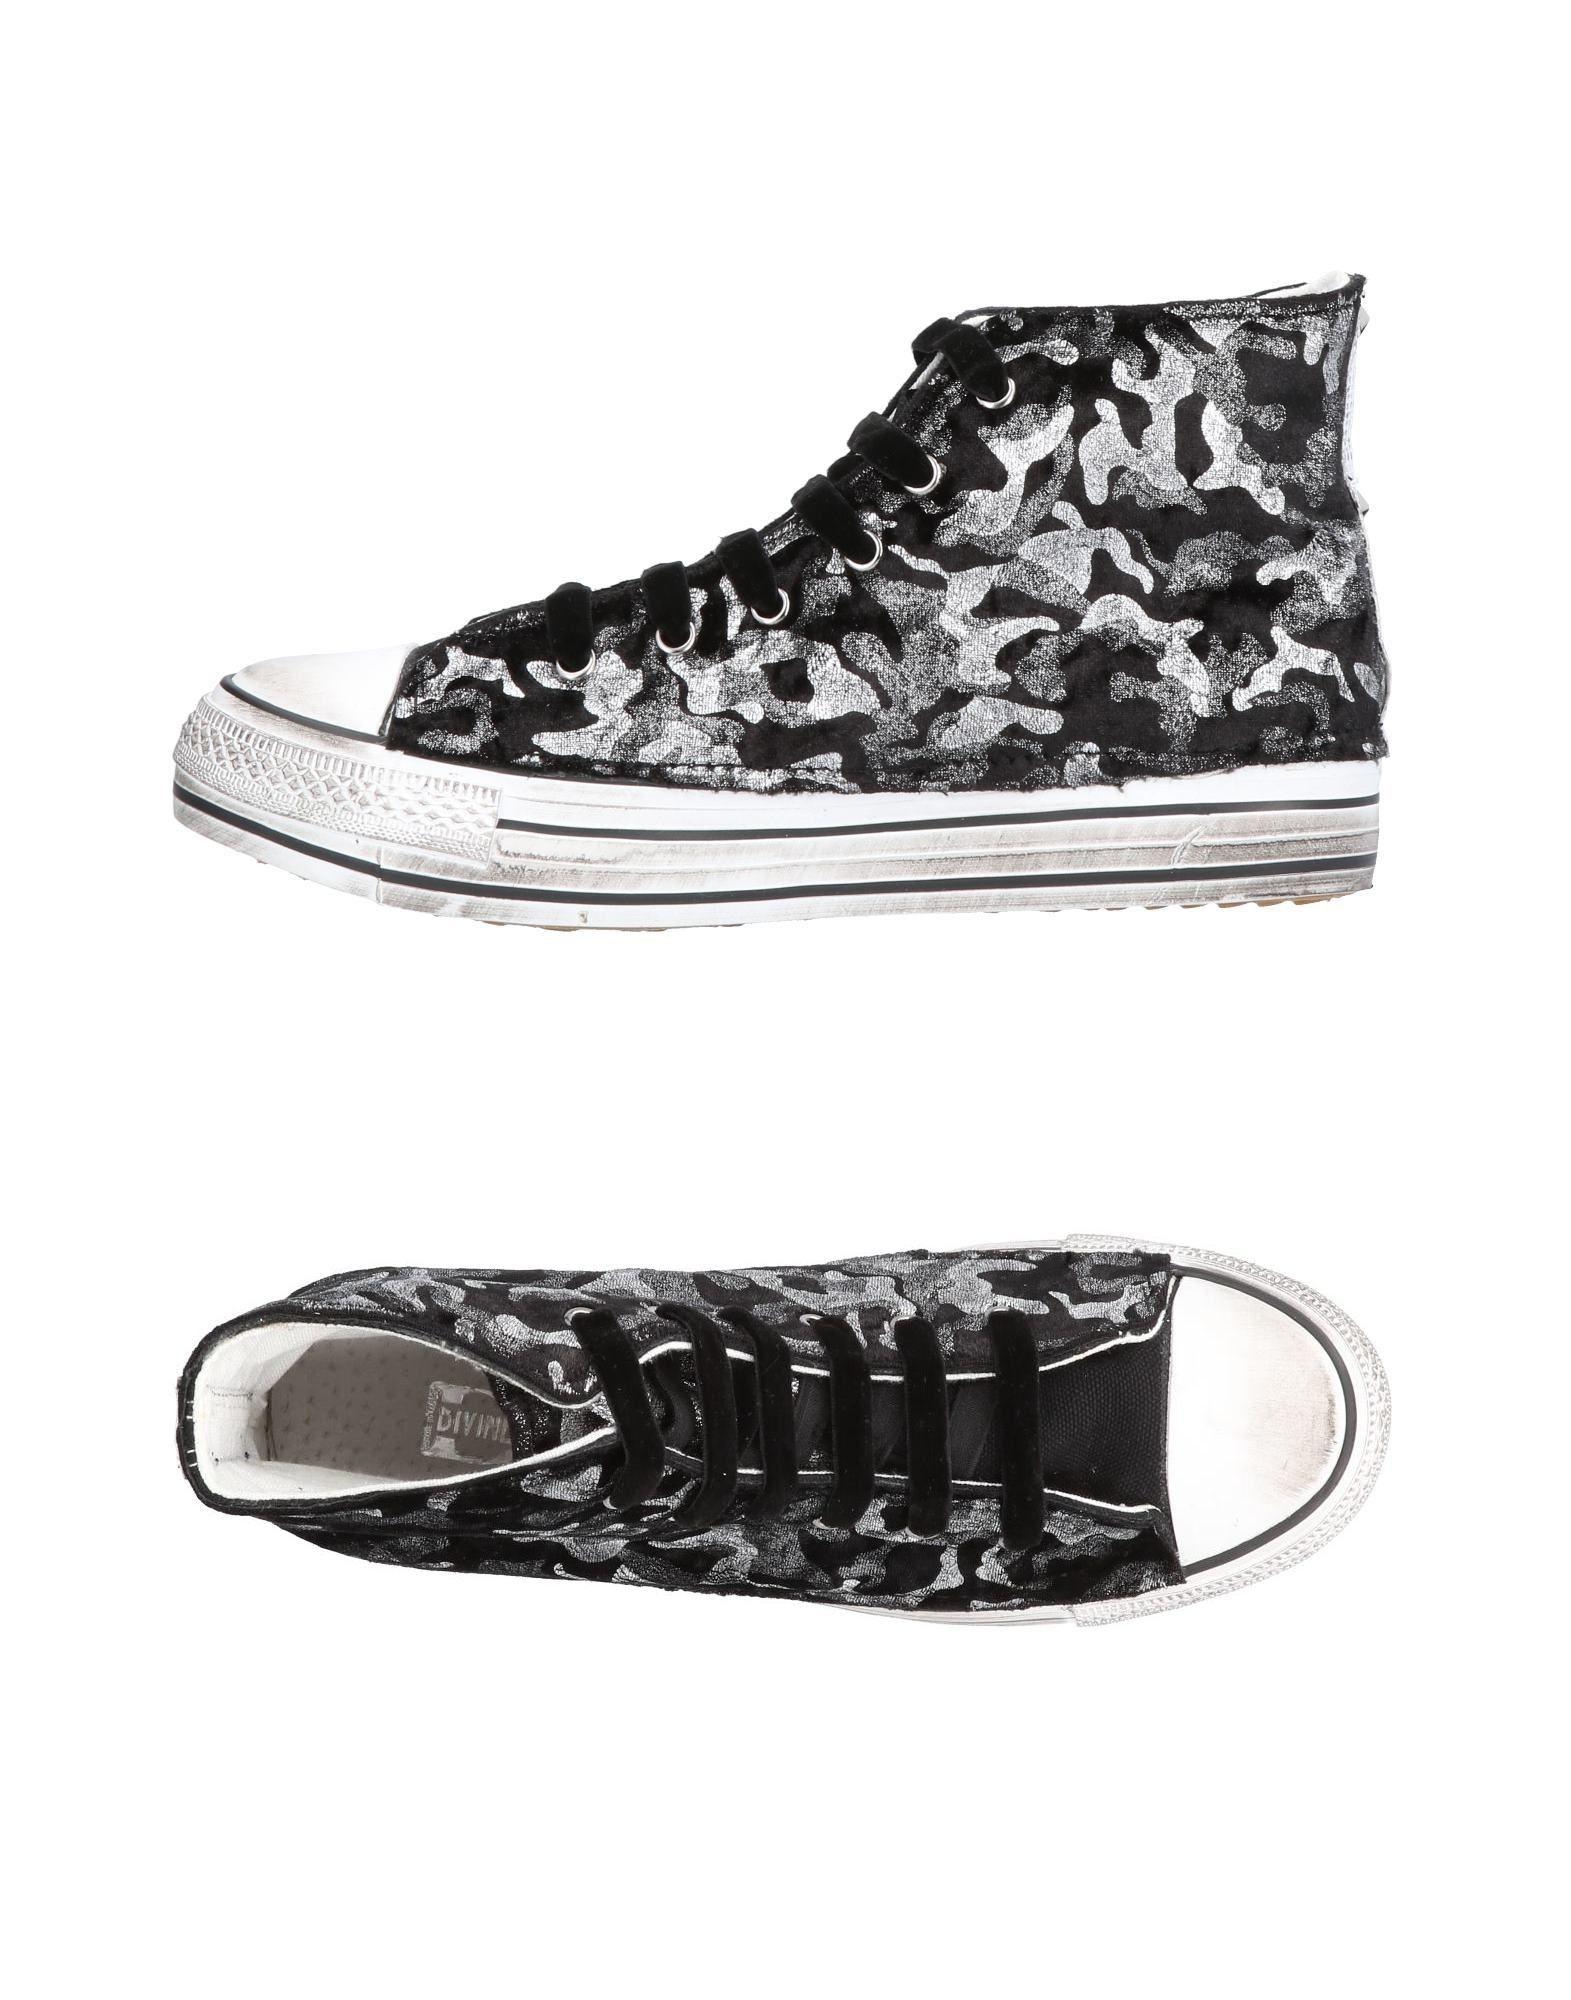 Divine 11456960VU Follie Sneakers Damen  11456960VU Divine Gute Qualität beliebte Schuhe 26c251